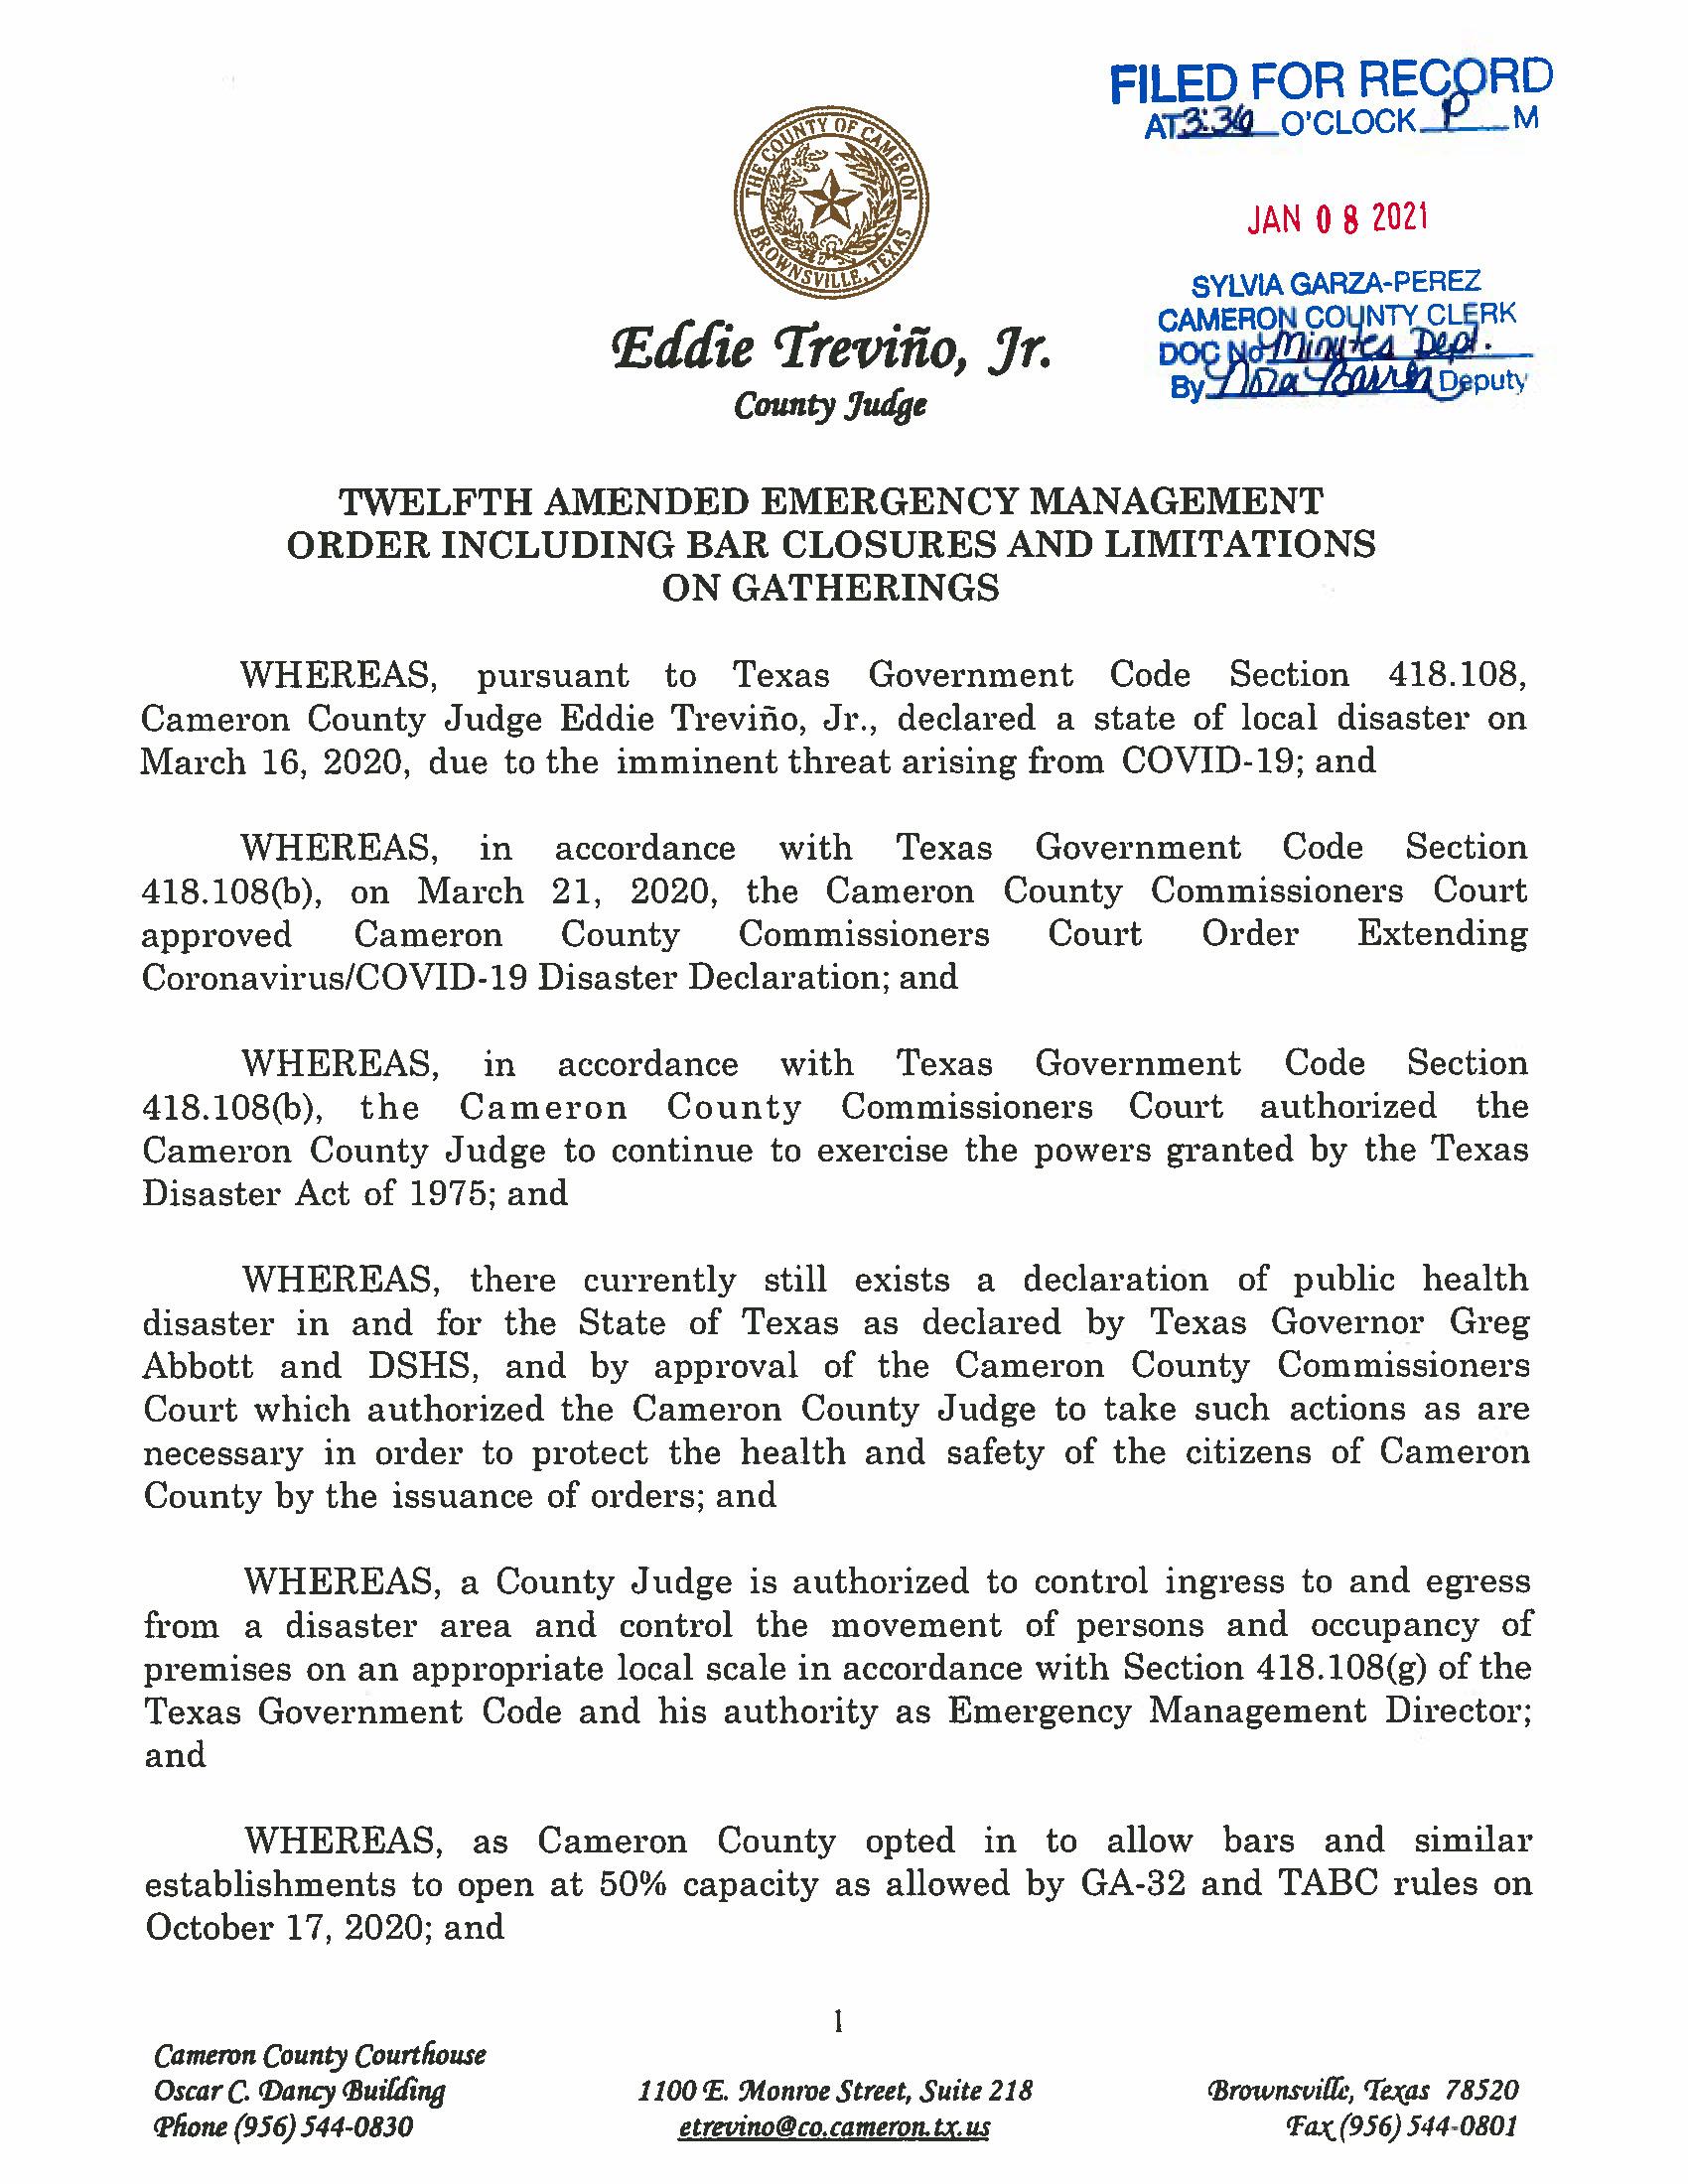 Twelve Amended Emergency Management Order